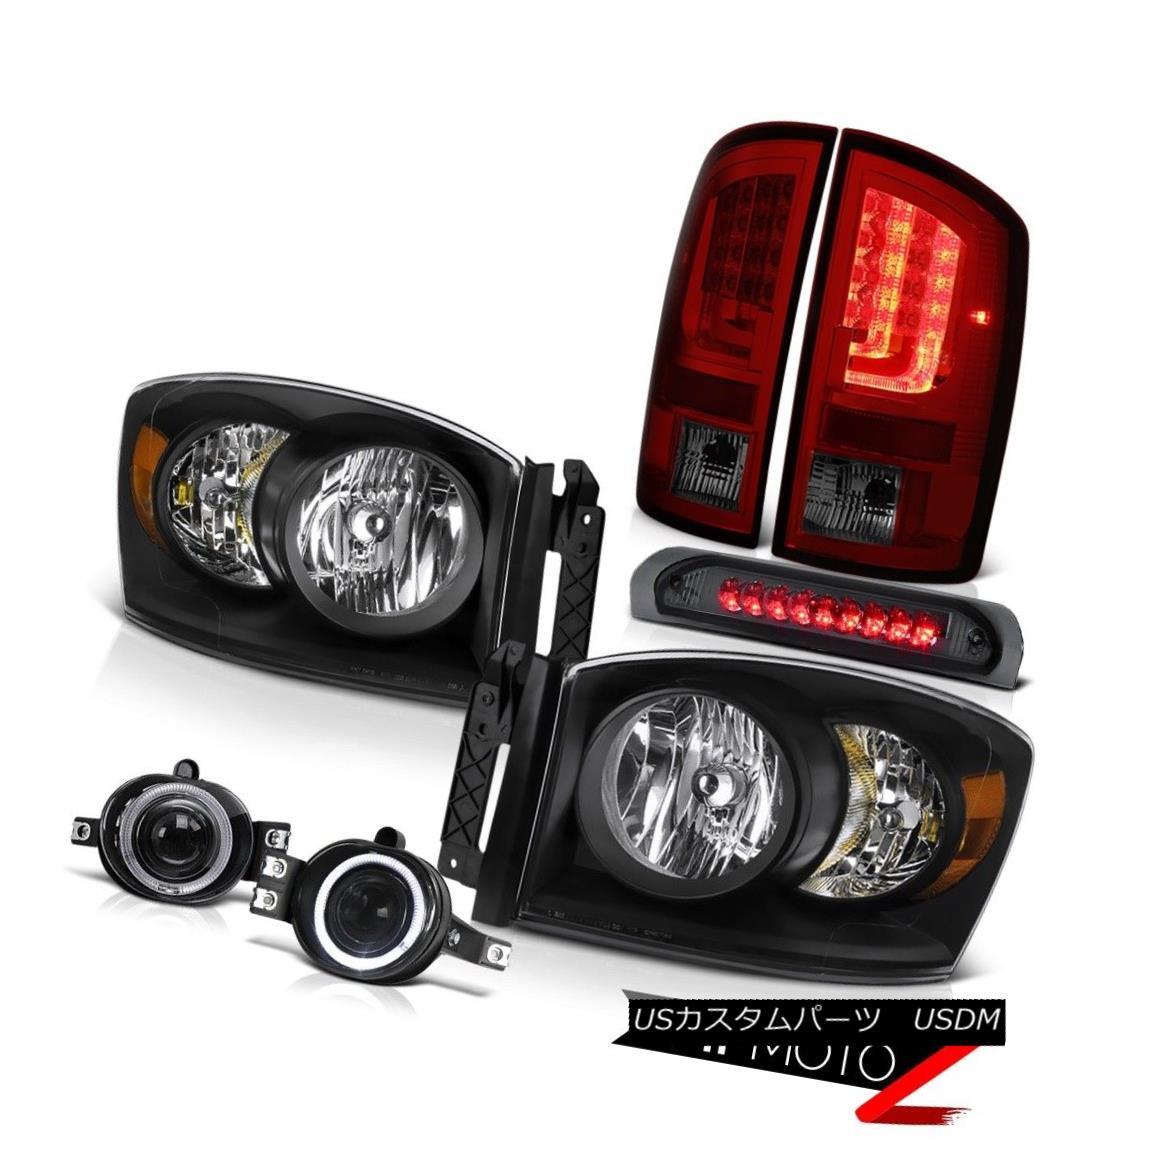 テールライト 2007-2008 Dodge Ram 1500 5.7L Tail Lights Headlamps Fog Smokey High STop Light 2007-2008 Dodge Ram 1500 5.7LテールライトヘッドランプフォグスモーキーハイSTOPライト